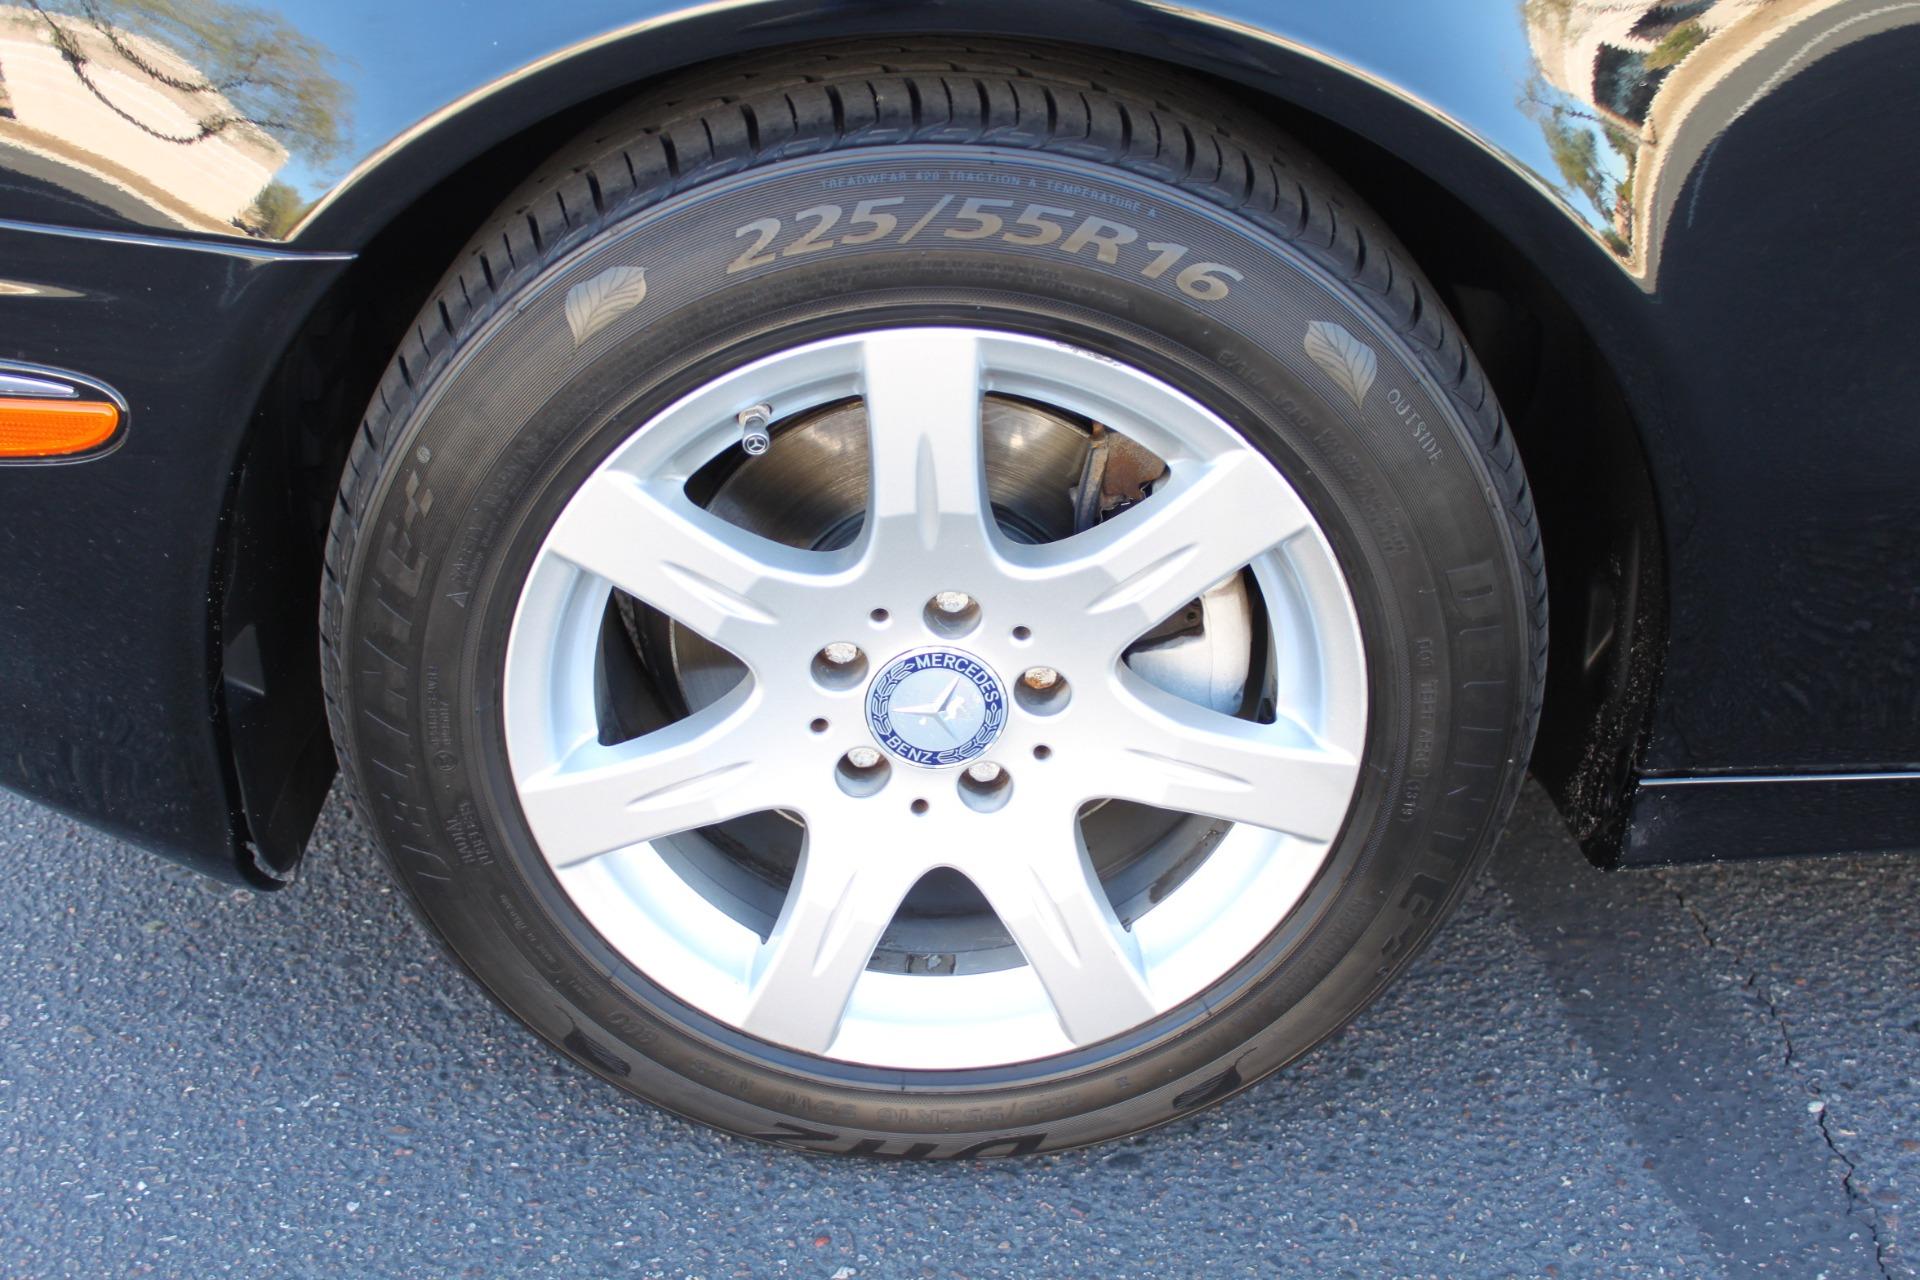 Used-2009-Mercedes-Benz-E-Class-E320-30L-BlueTEC-Ford